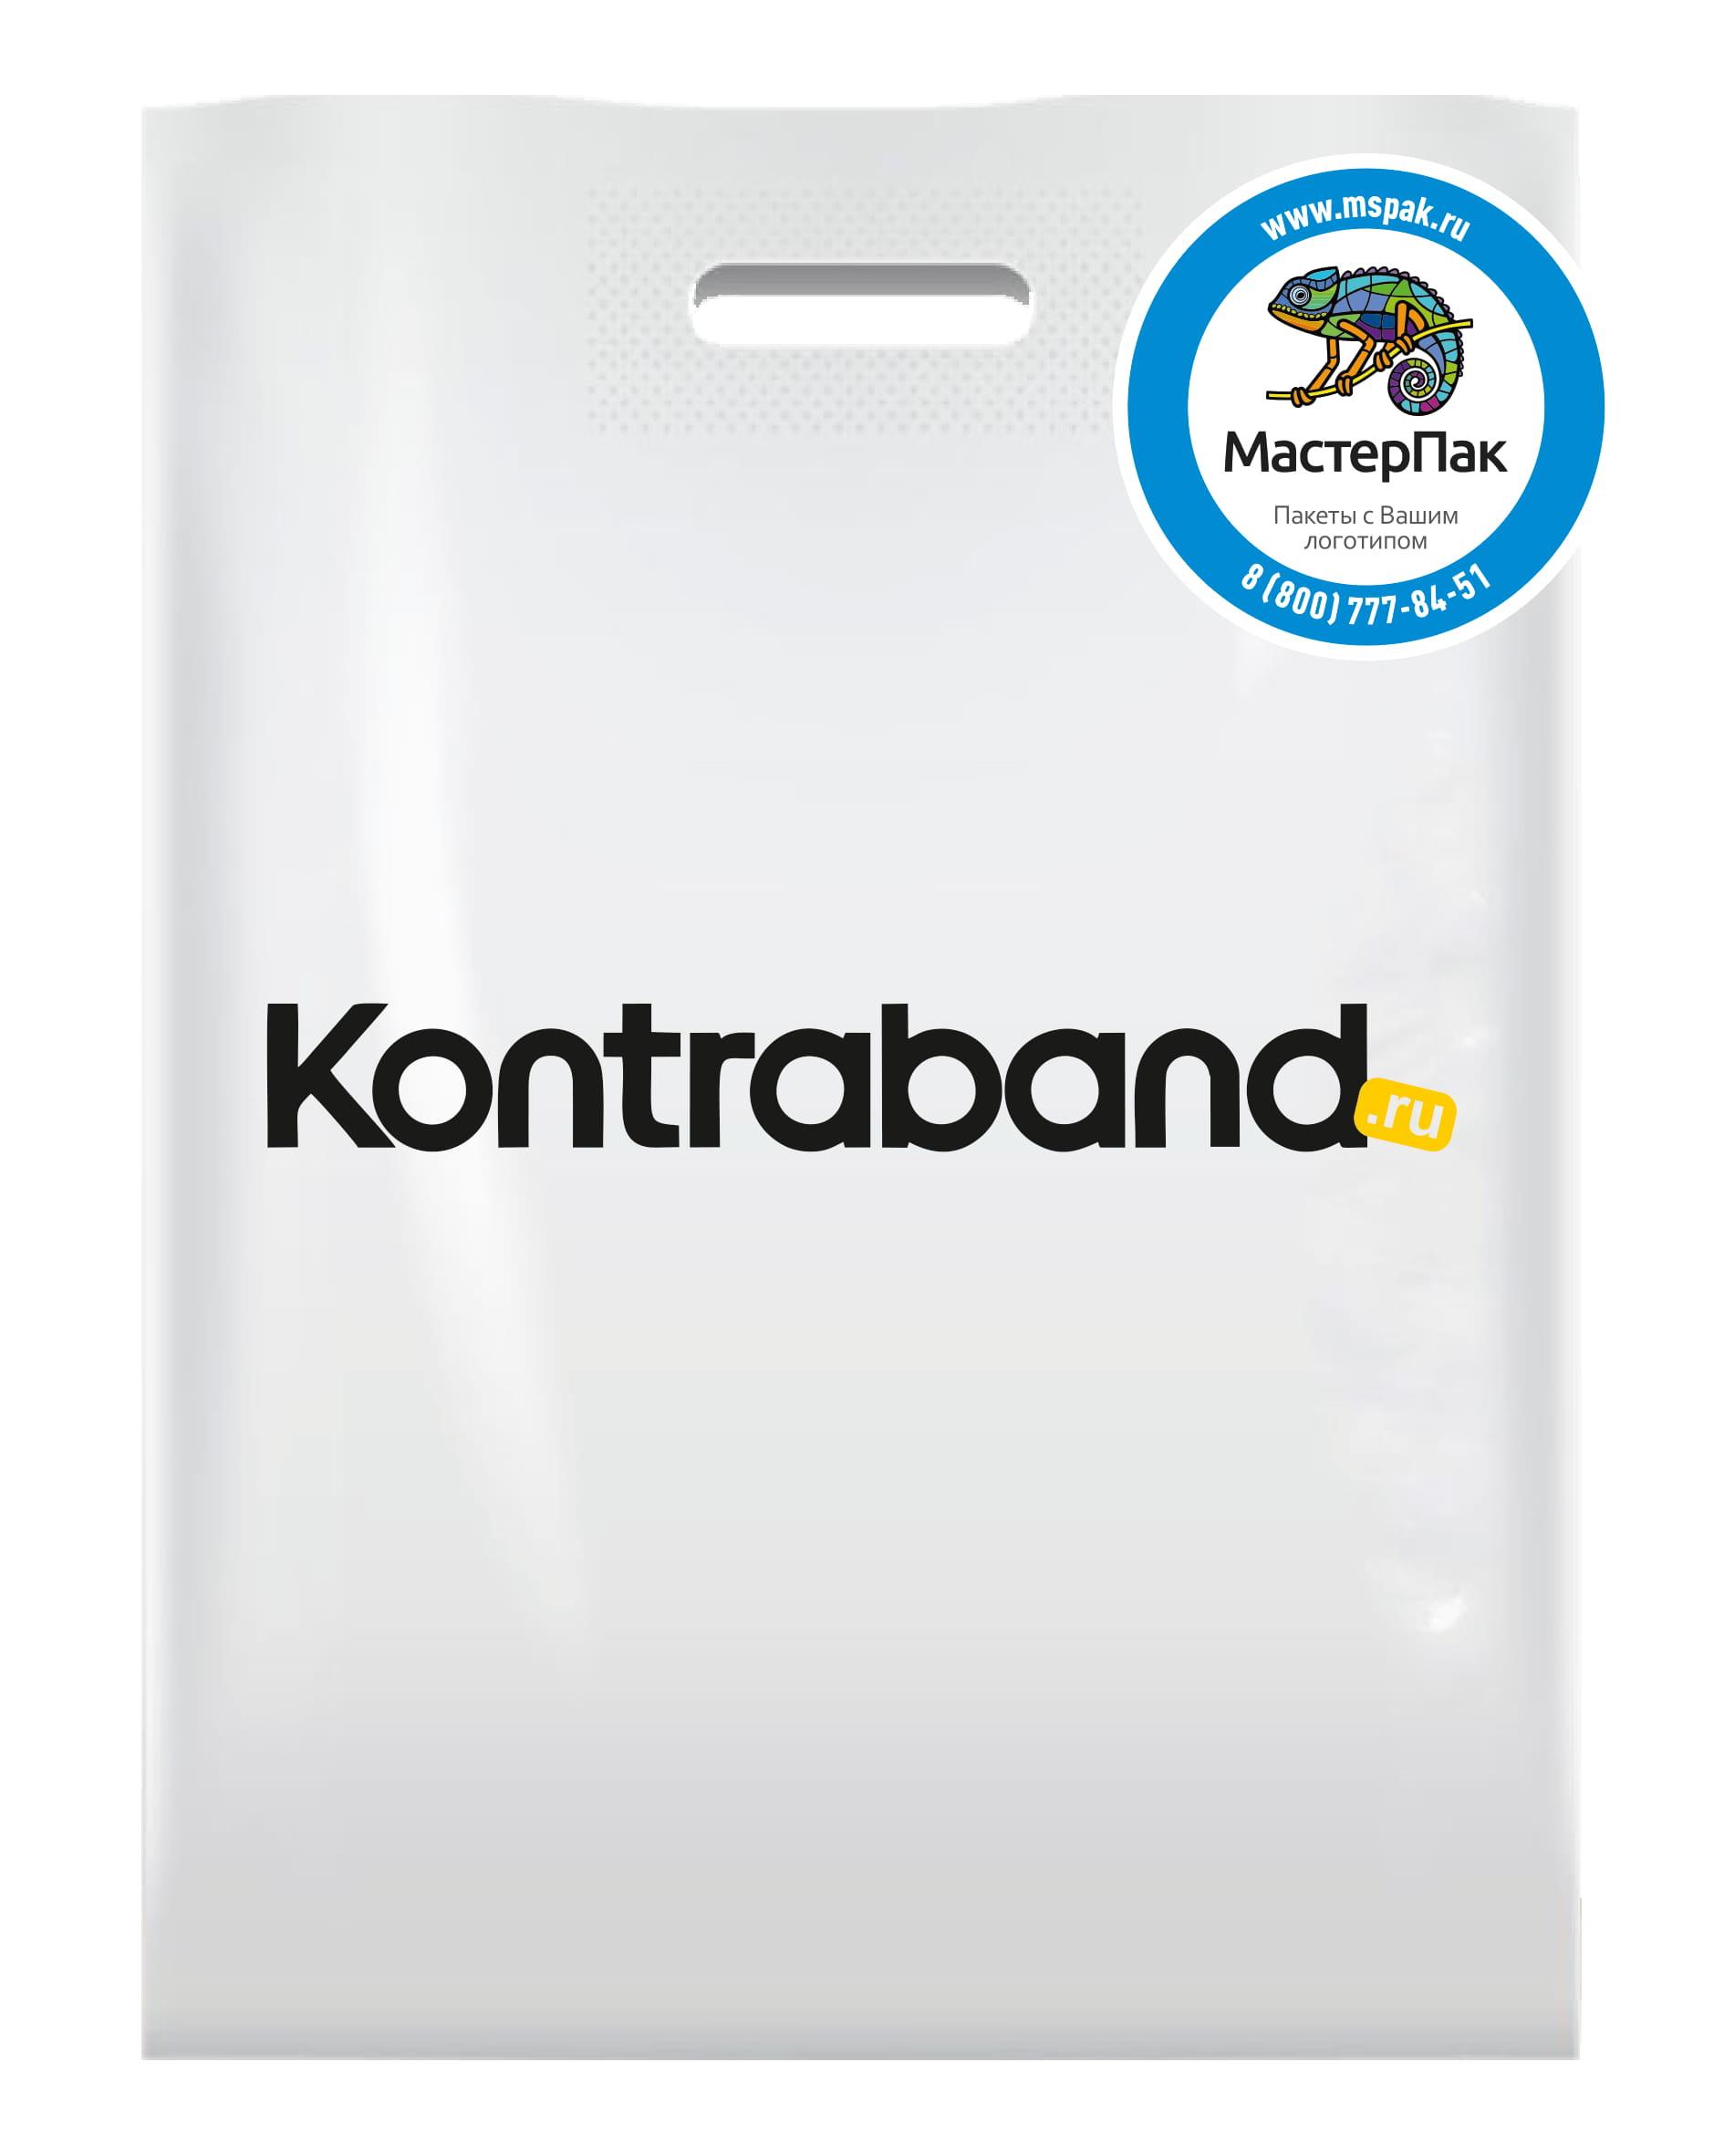 Пакет ПВД с логотипом интернет-магазина Kontraband, Москва